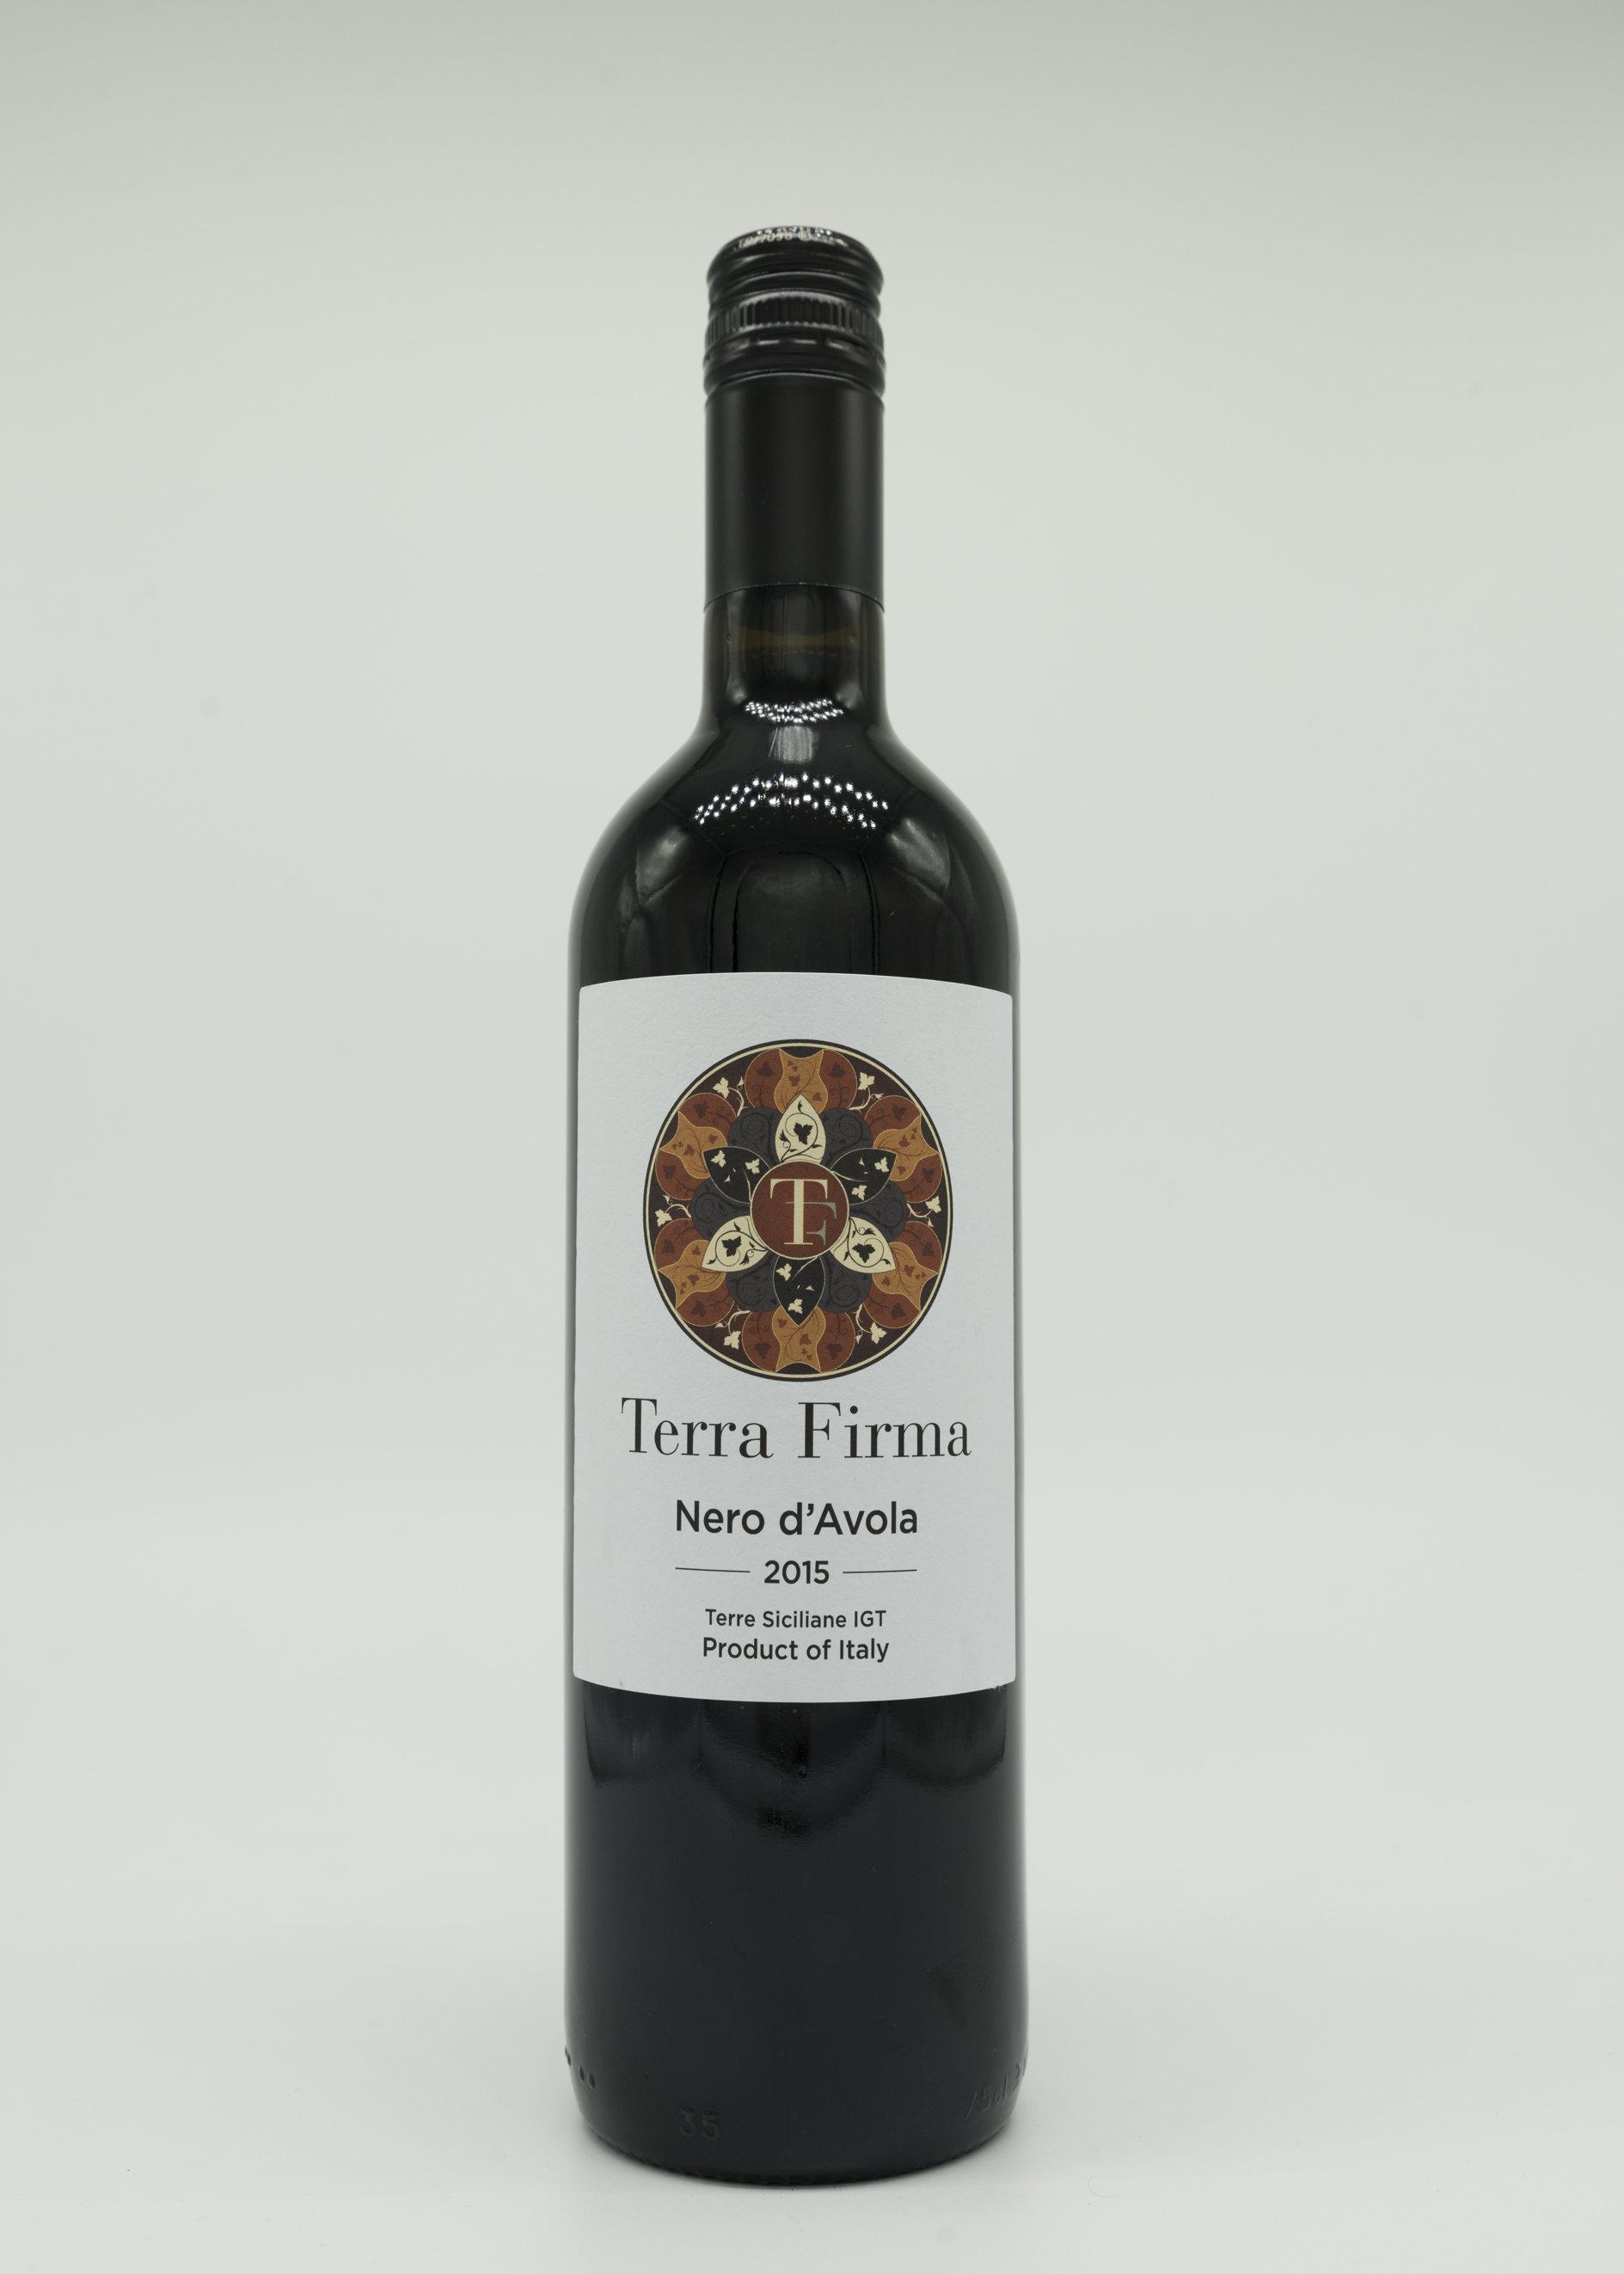 Terra Firma Nero d'Avola, 2018 00017